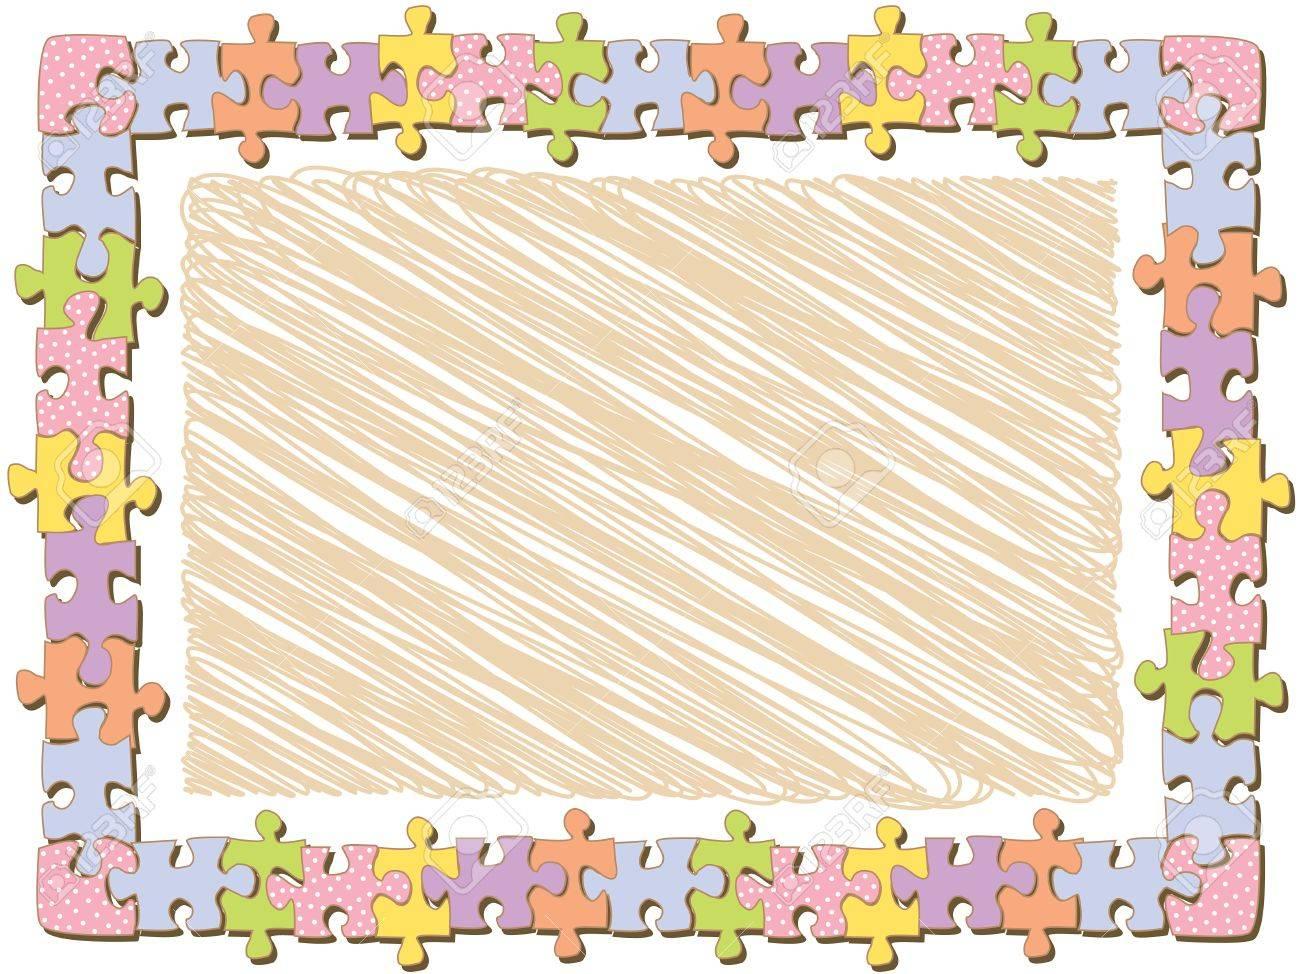 Puzzle Piece Frames Frame Border Puzzle